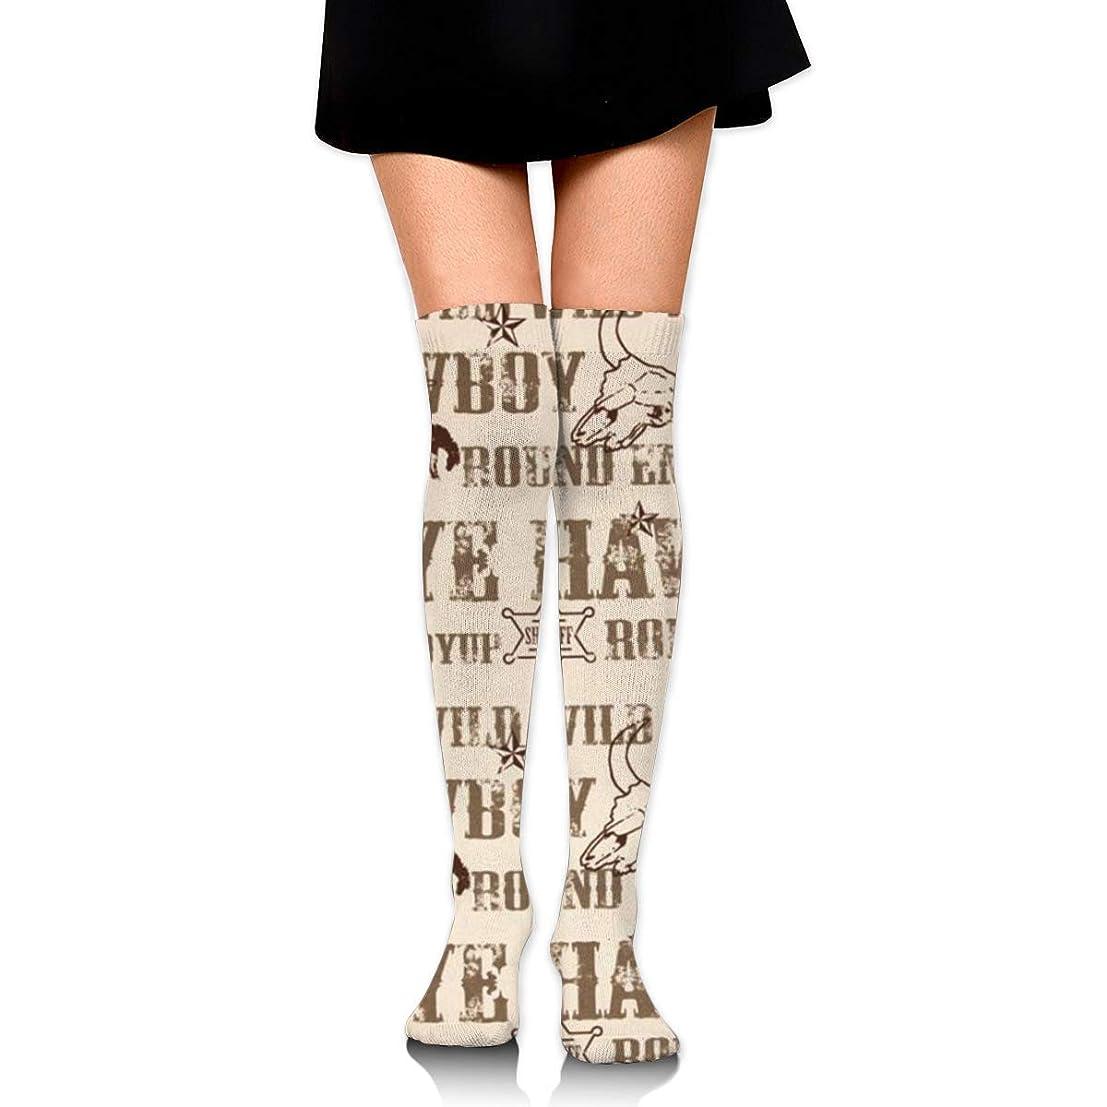 研磨剤ハンディ武器MKLOS 通気性 圧縮ソックス Breathable Extra Long Cotton Mid Thigh High Cowboy Culture Exotic Psychedelic Print Compression High Tube Thigh Boot Stockings Knee High Women Girl